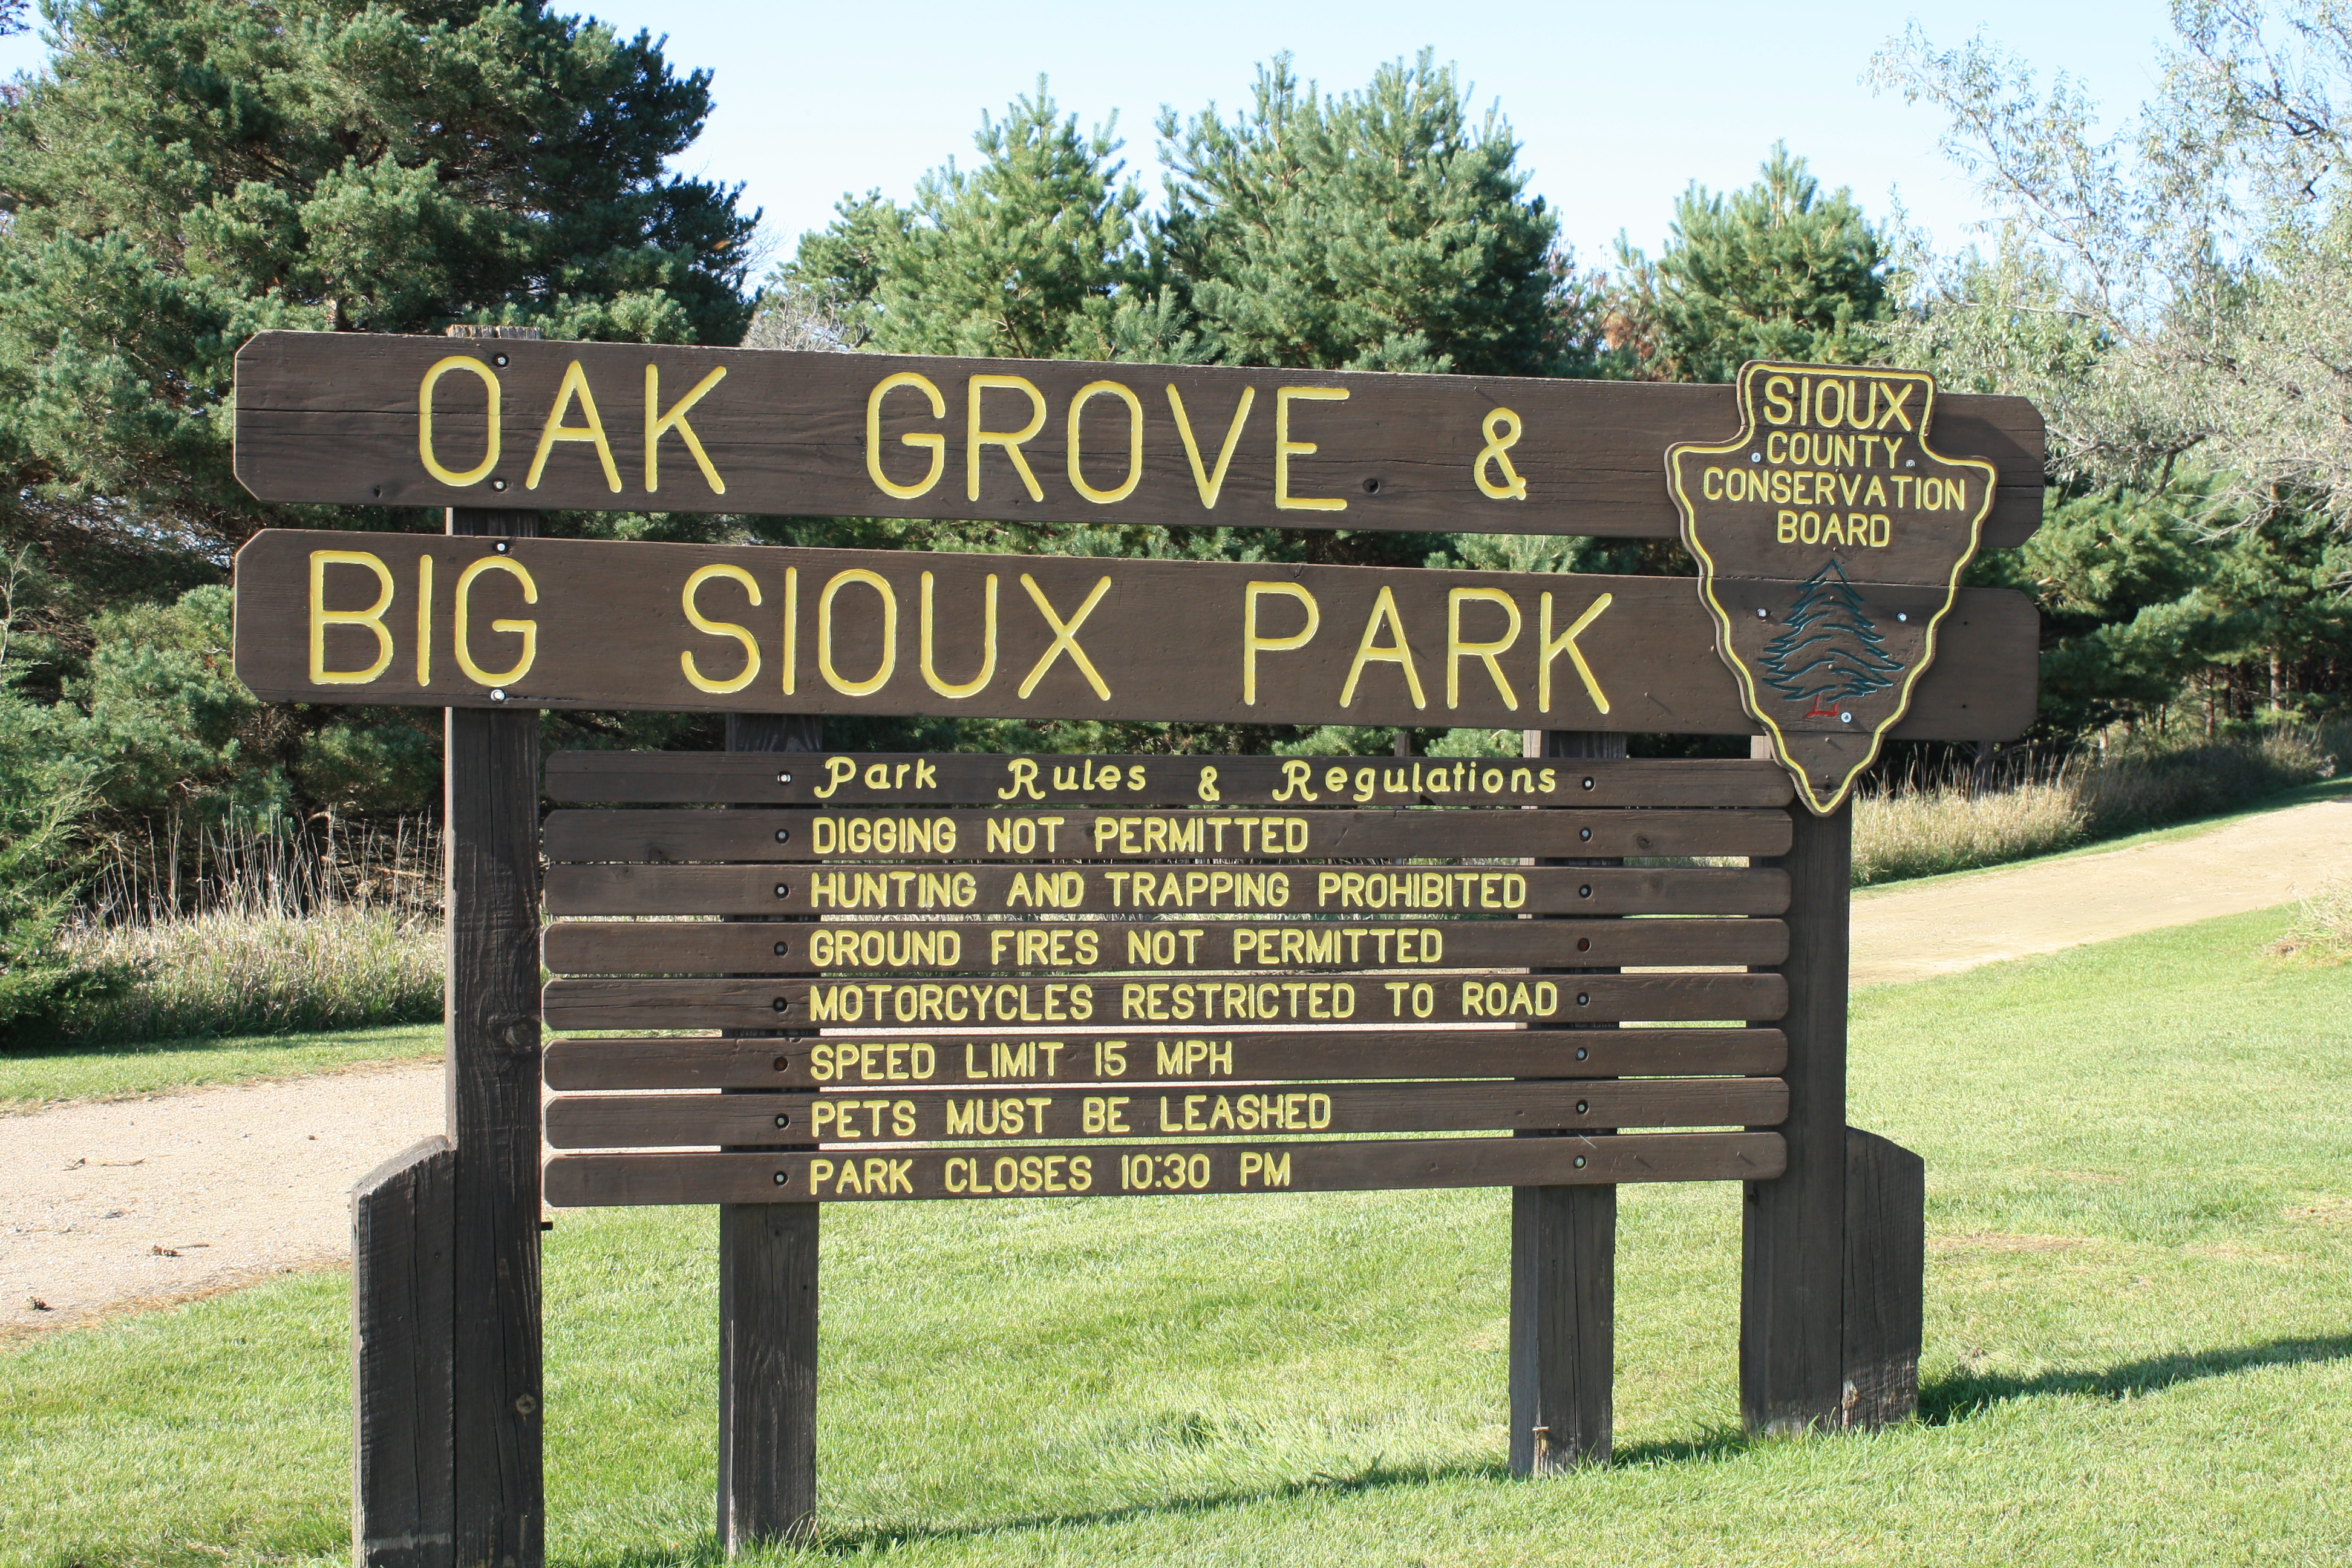 Oak Grove Park/Big Sioux Park